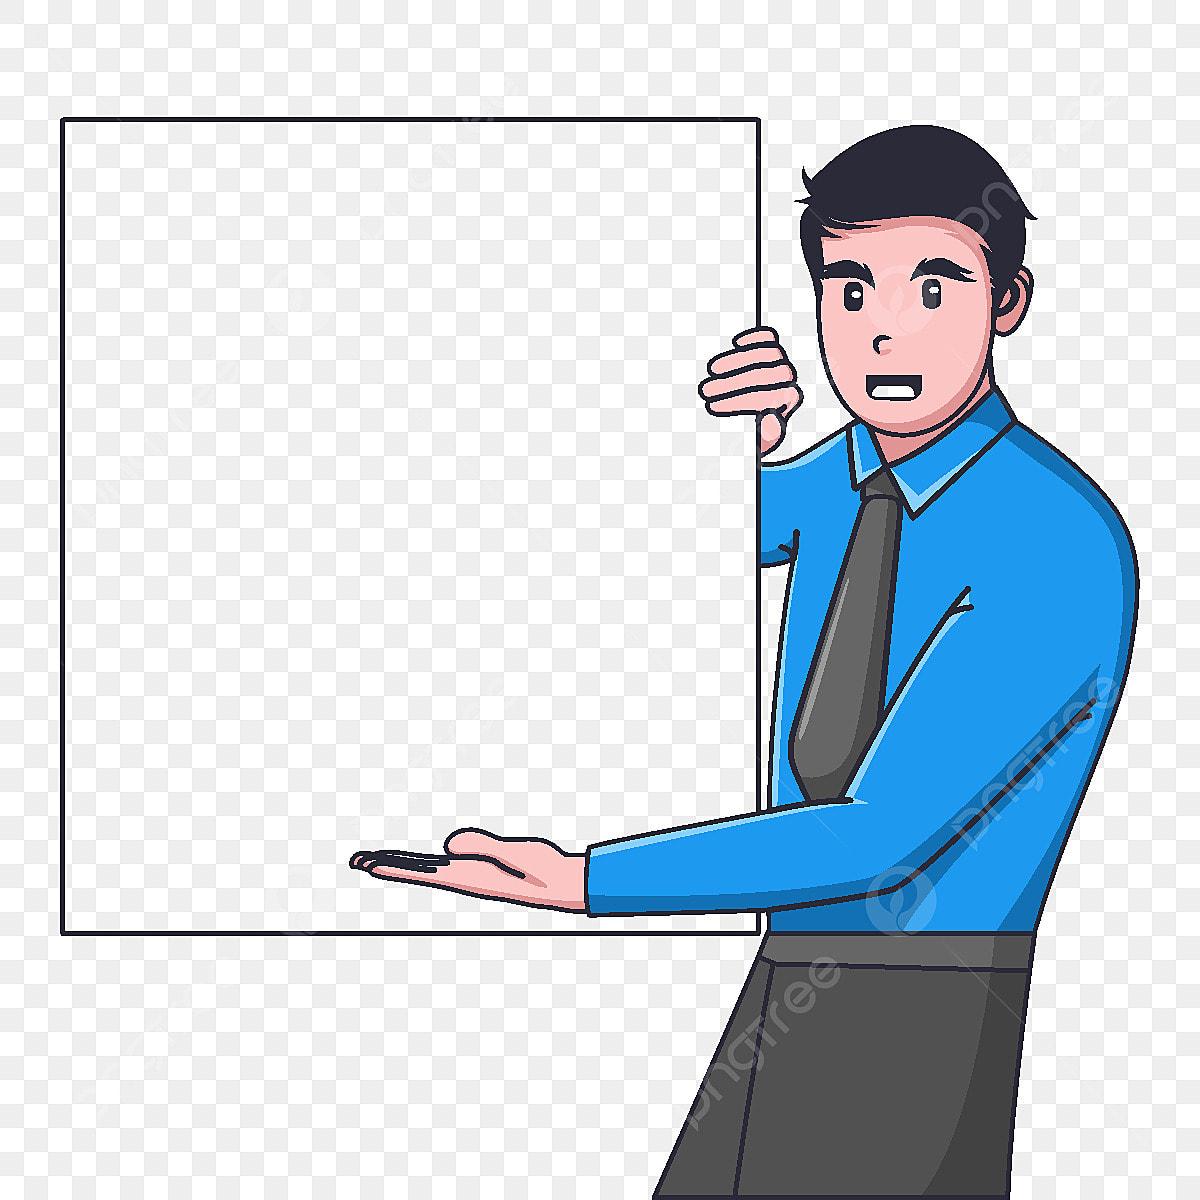 Gambar Kartun Ahli Perniagaan Memegang Putih Kosong Lembaga Sesuai Untuk Persembahan Sepanduk Halaman Arahan Ahli Perniagaan Png Dan Vektor Untuk Muat Turun Percuma